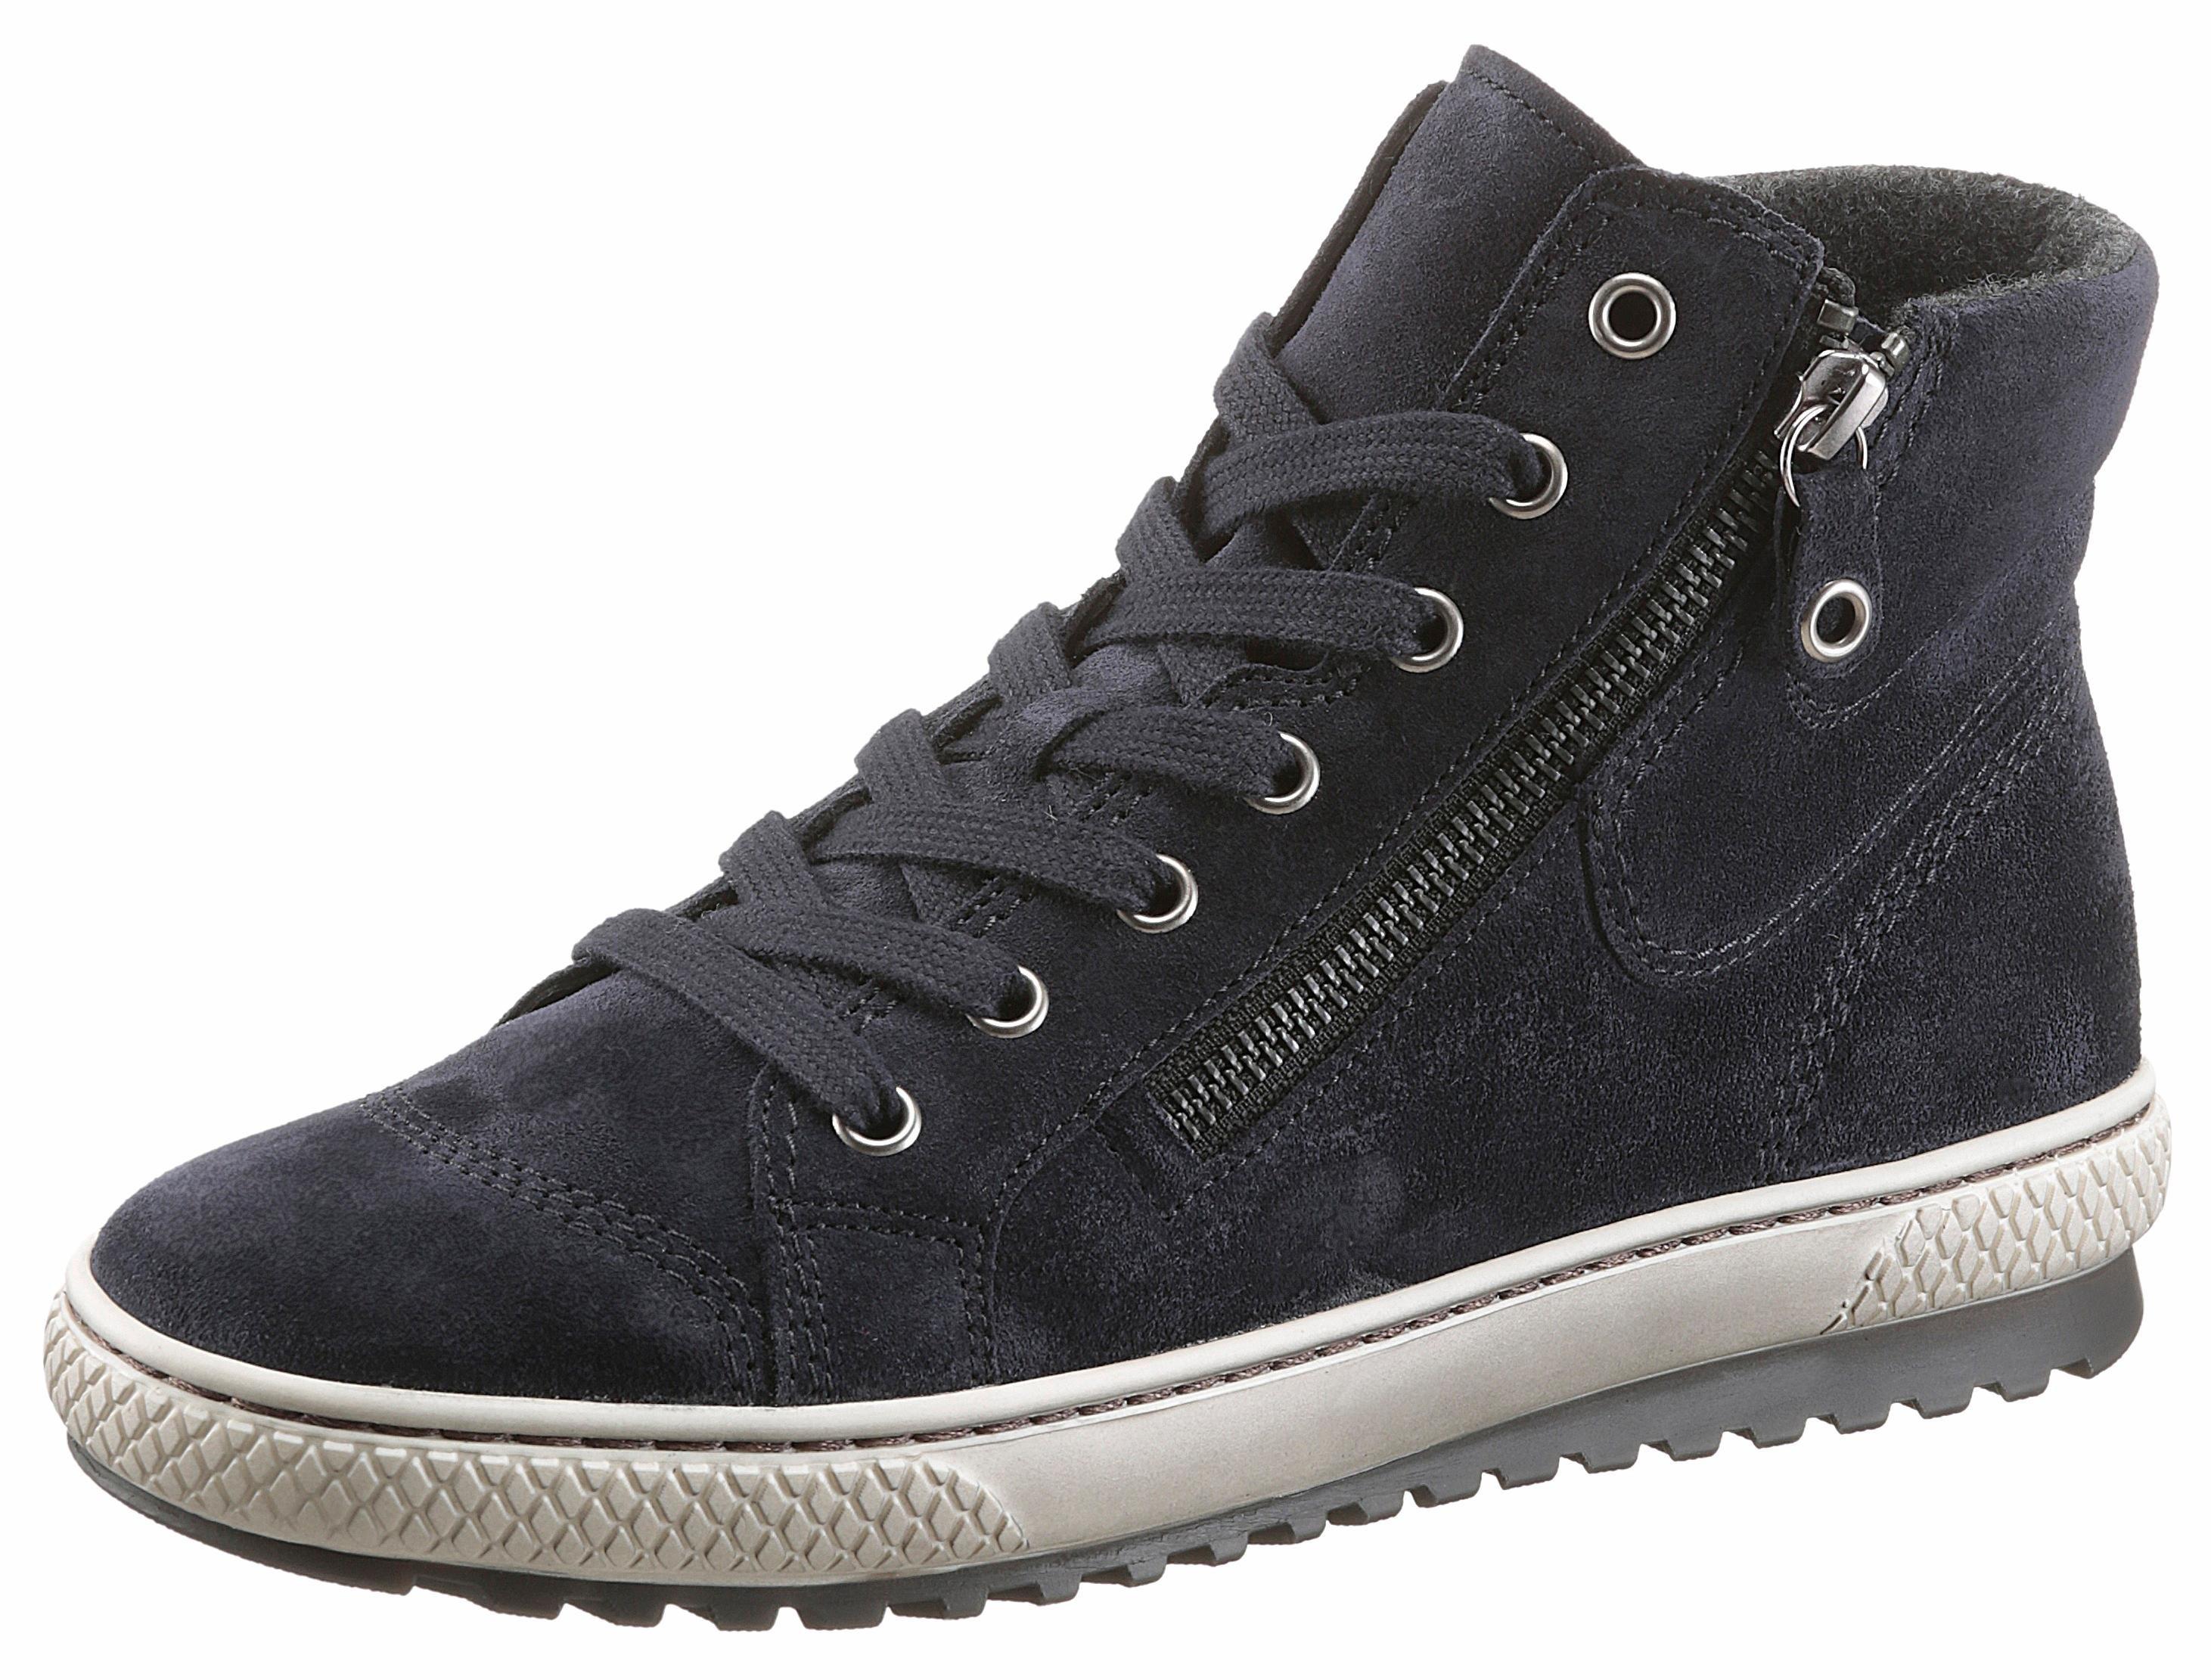 Gabor hoge veterschoenen in winterkleuren nu online kopen bij OTTO